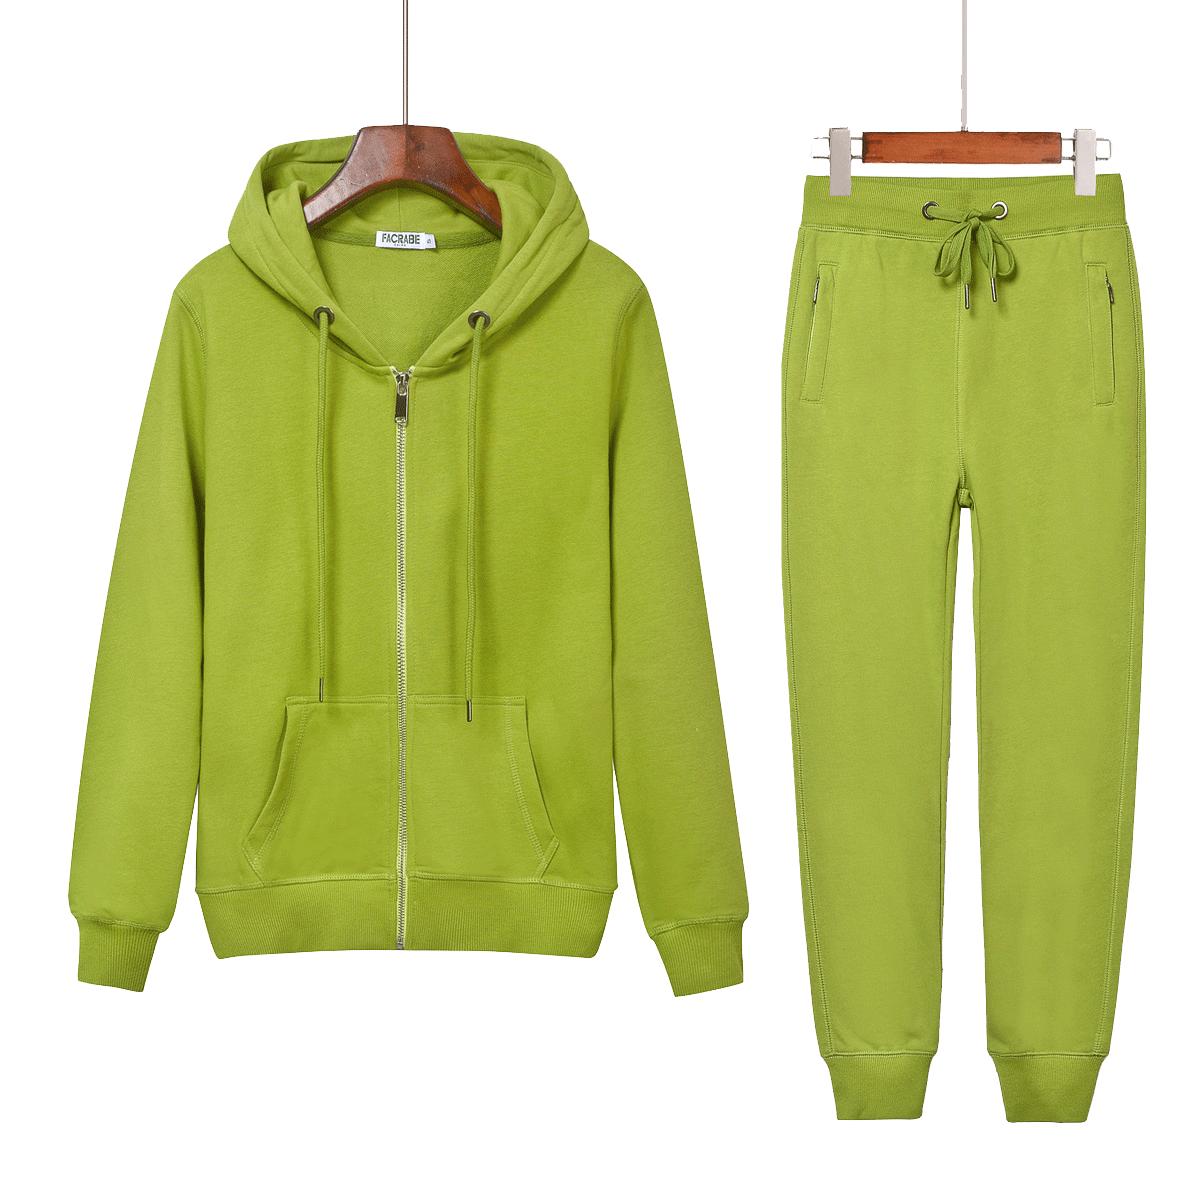 绿色卫衣 2021春秋薄款开衫女卫衣休闲运动套装牛油果绿色两件套百搭连帽衫_推荐淘宝好看的绿色卫衣